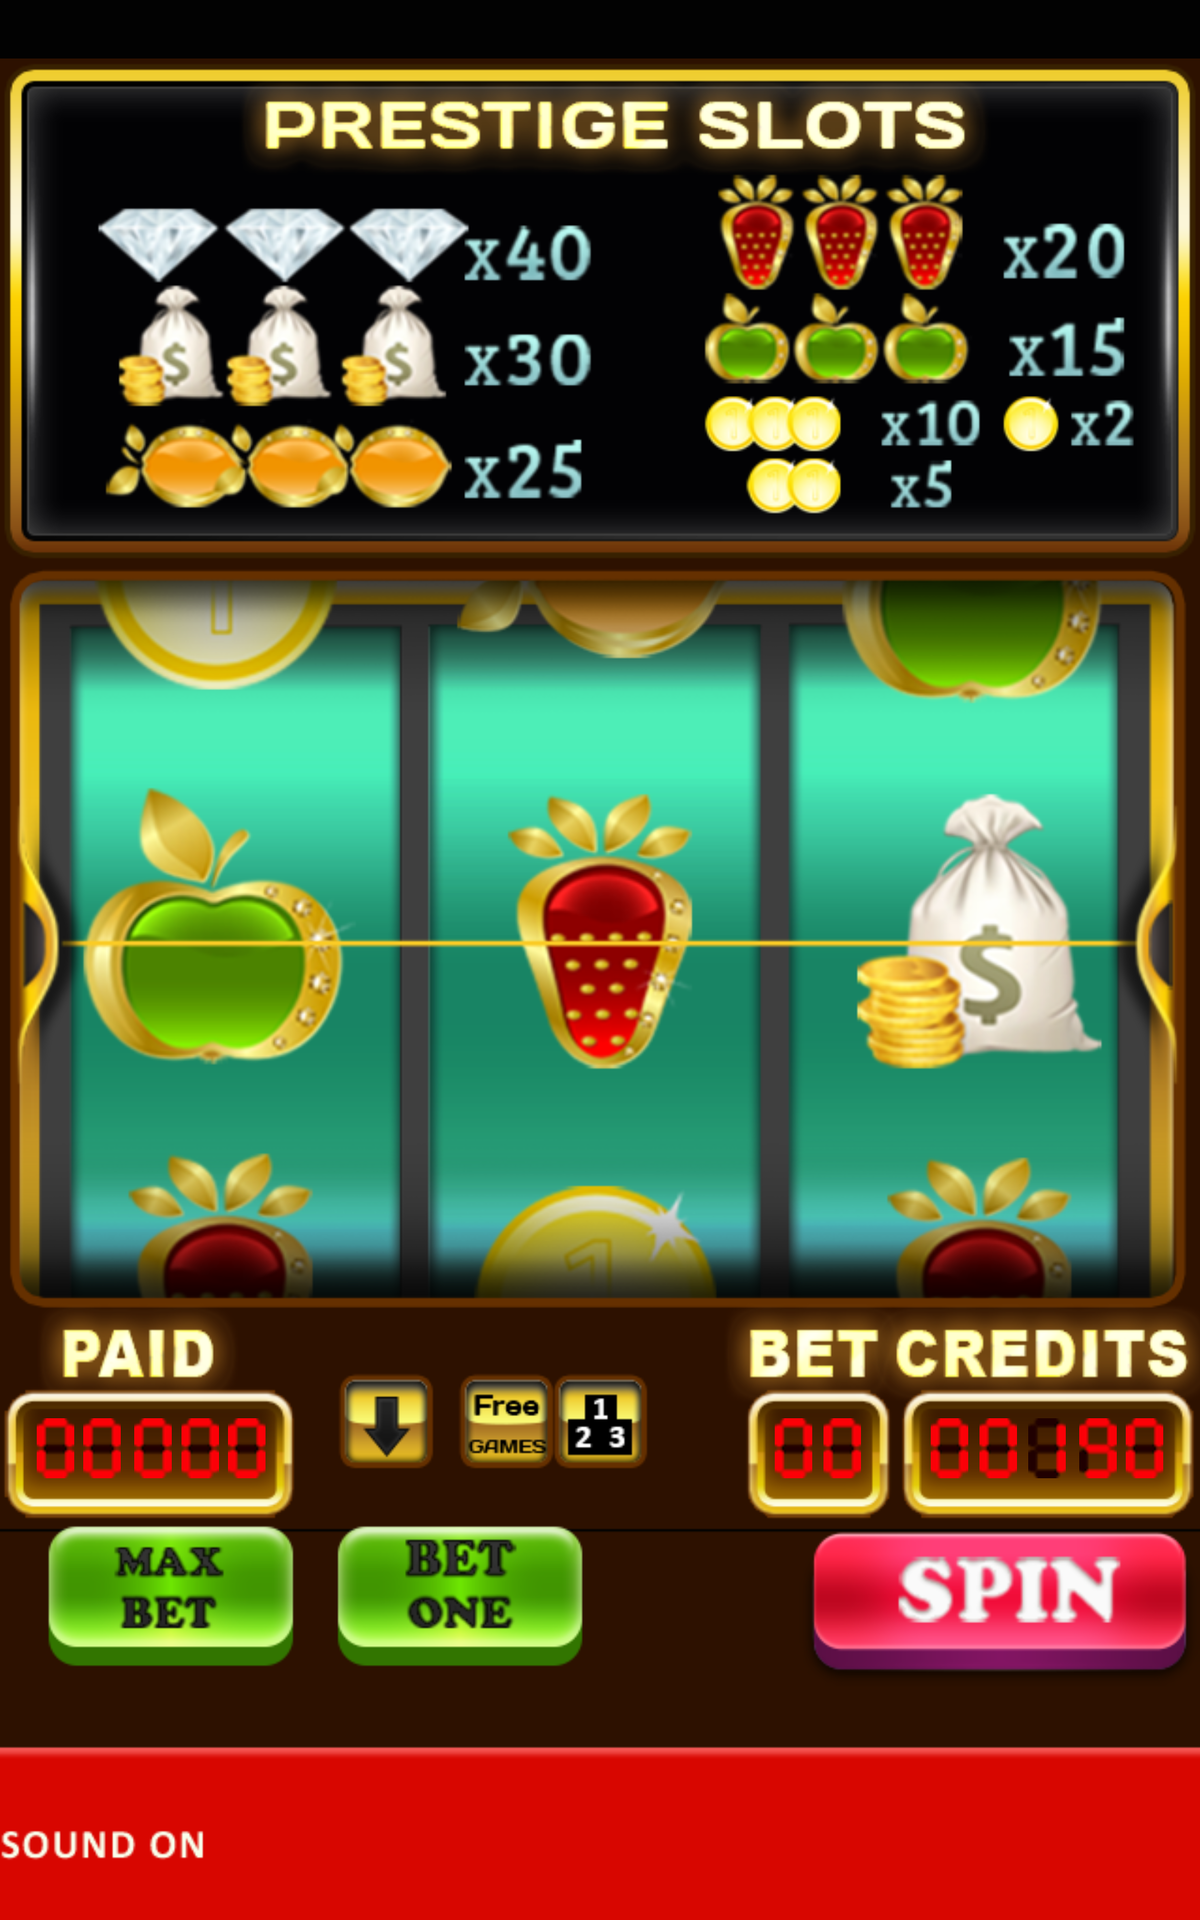 Игровые автоматы вулкан 777 играть бесплатно онлайн все игры играть